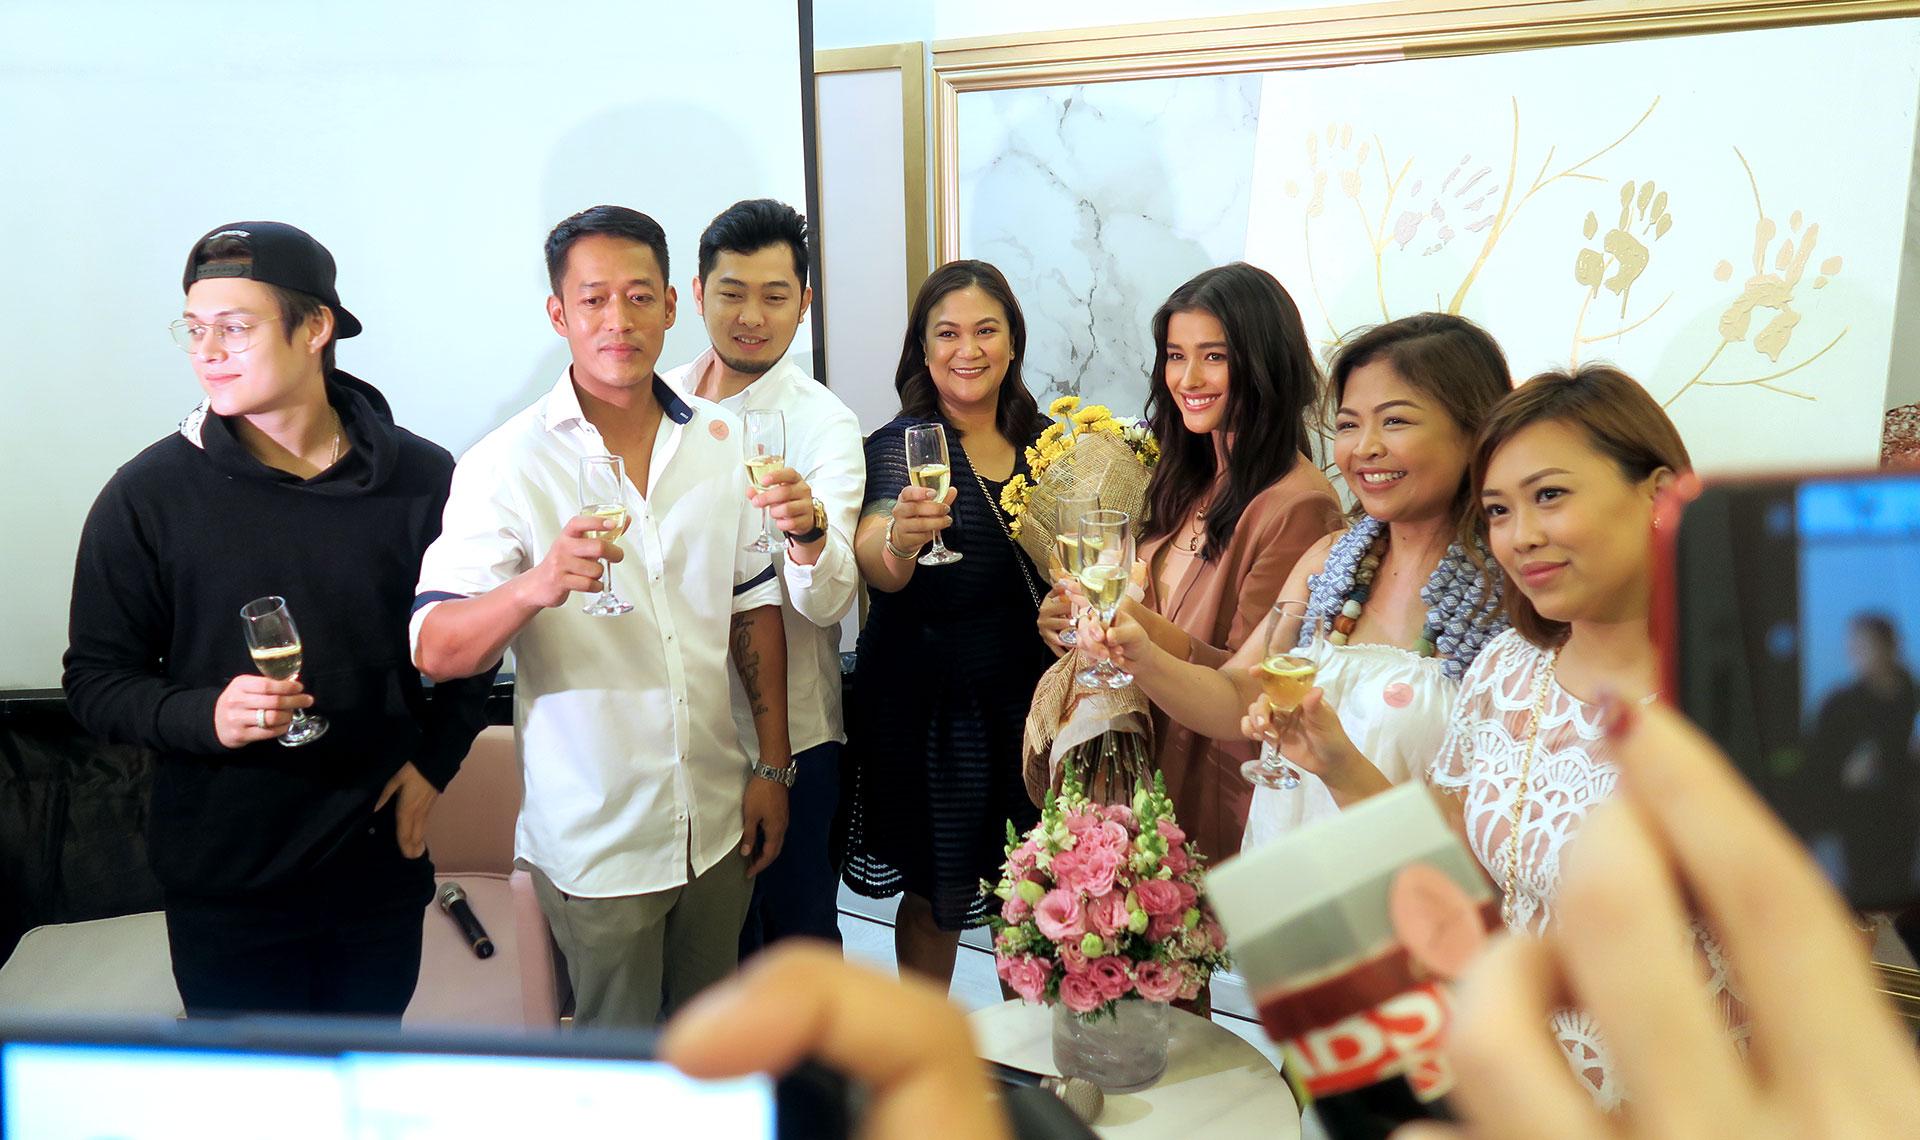 10 Liza Soberano Hope Wellness Grand Launch - Gen-zel She Sings Beauty